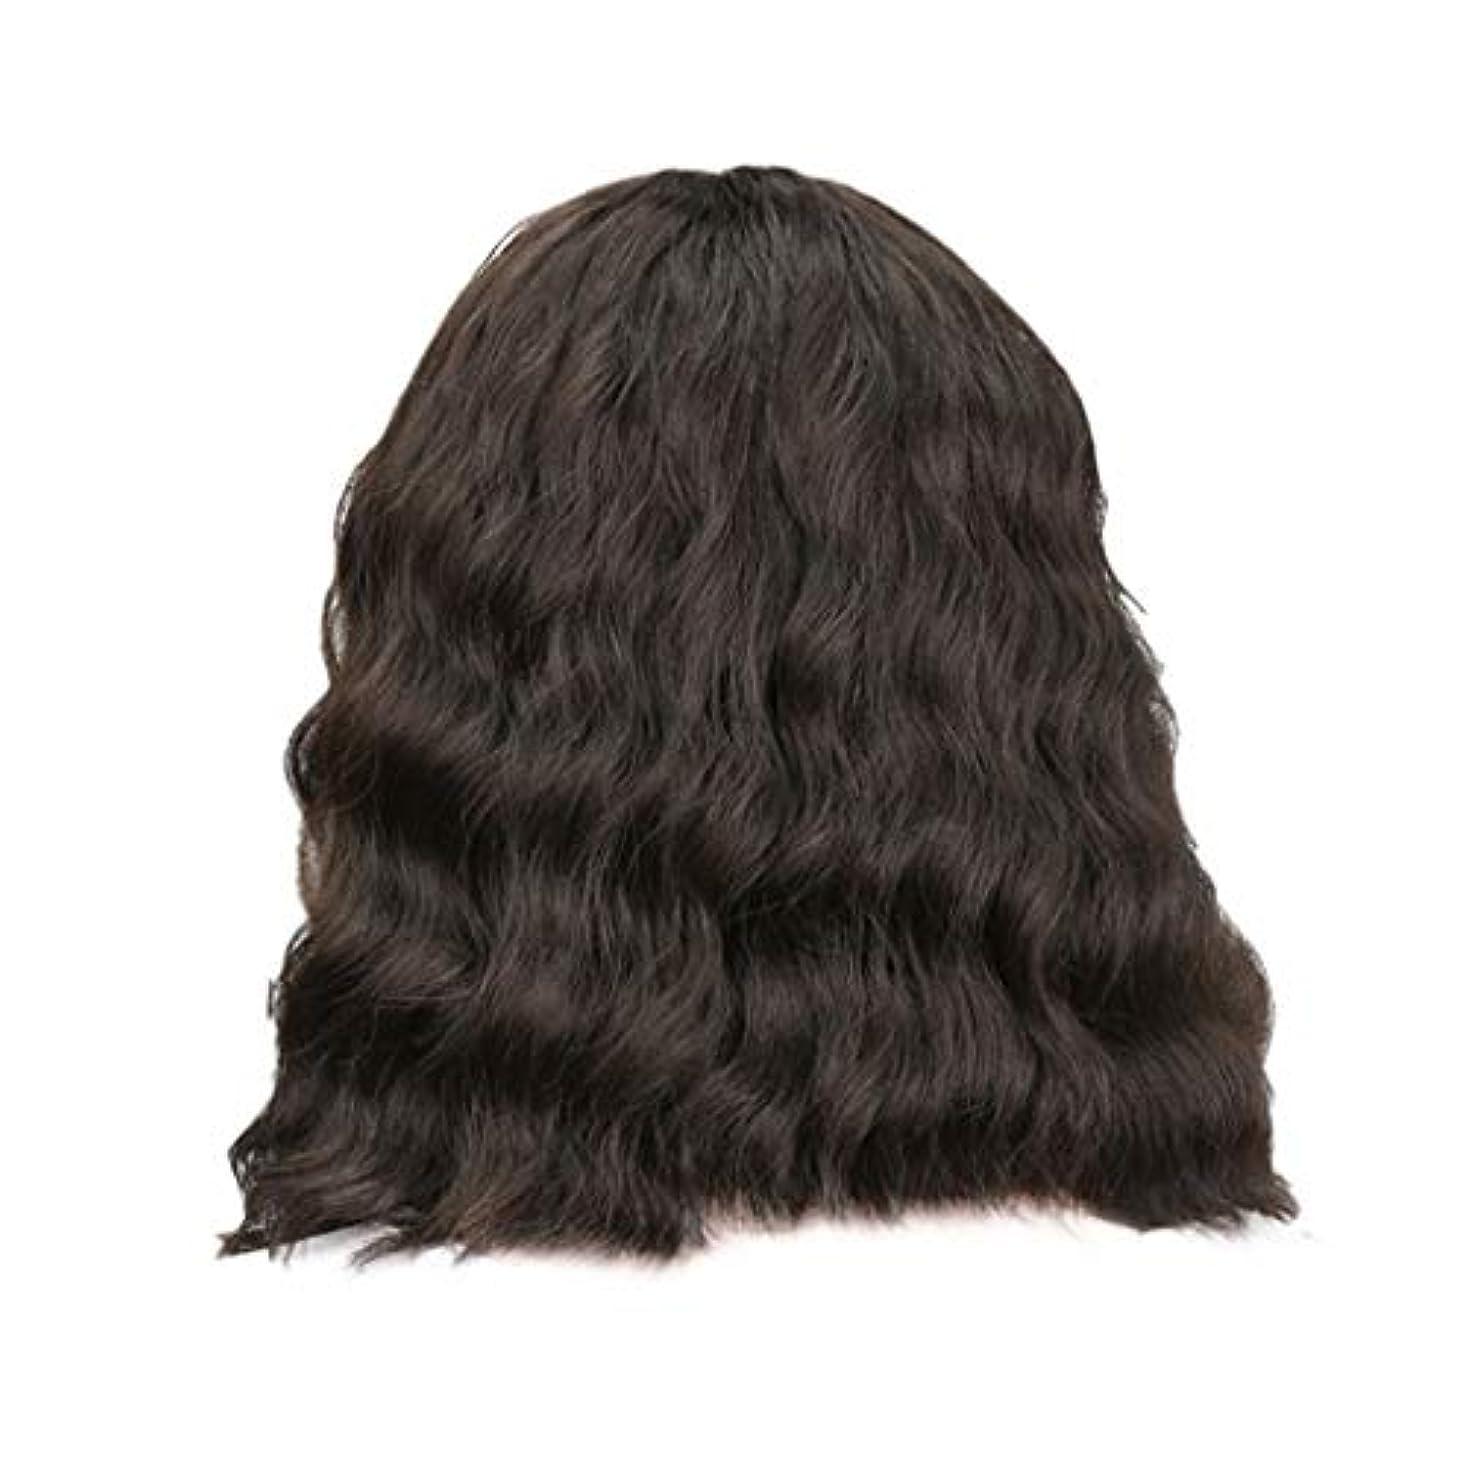 一致するモジュール残り女性の黒の短い巻き毛のかつらボブ波かつらローズネット34 cm